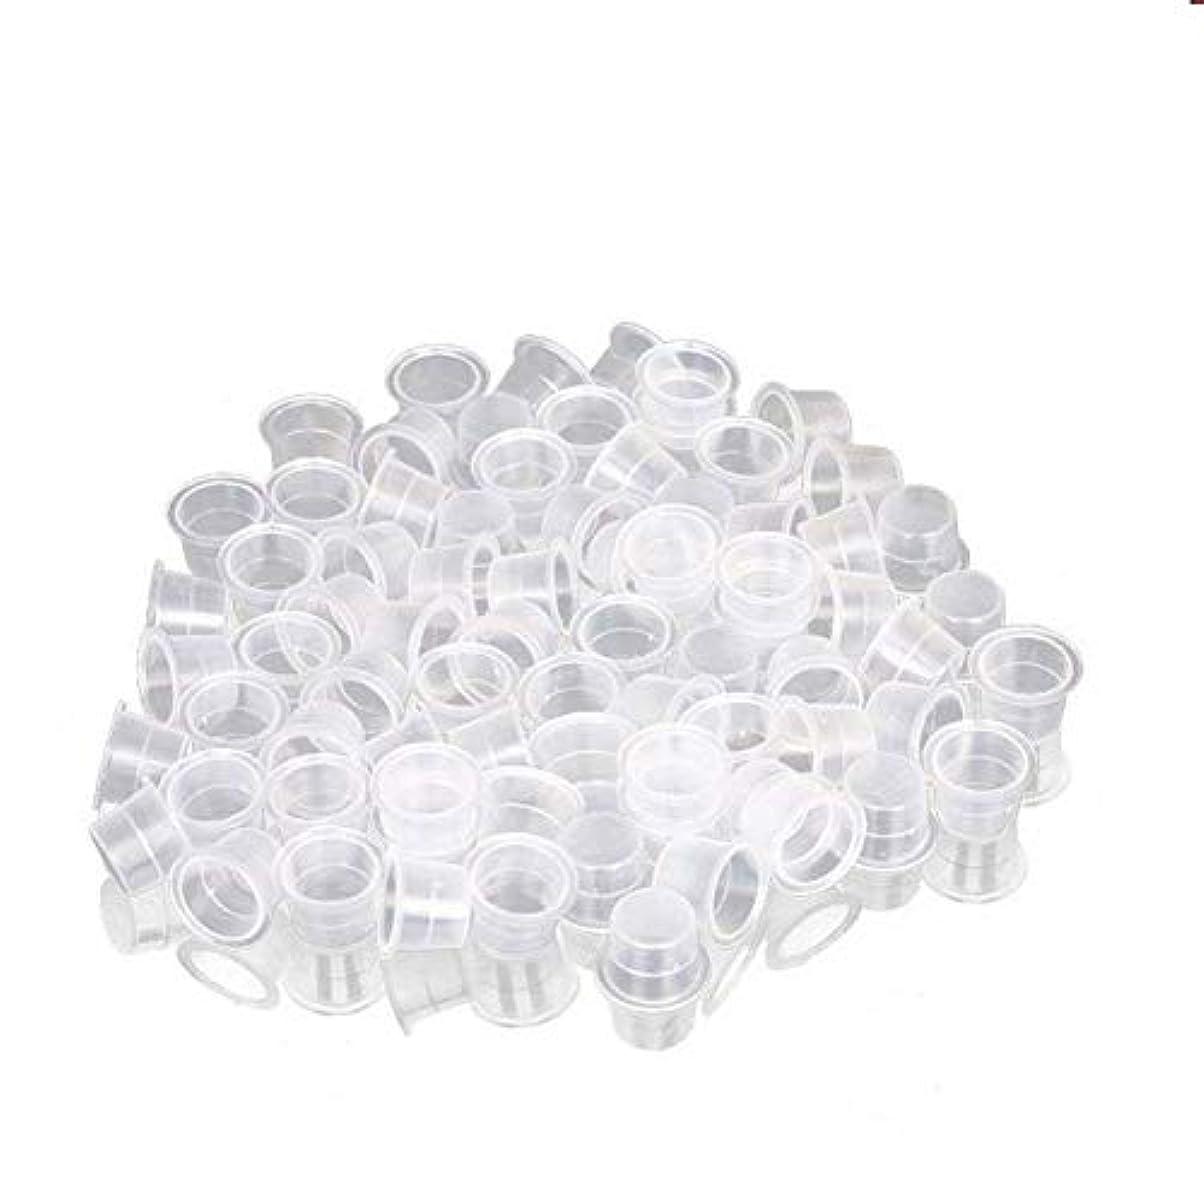 比類なき関数肘インクカップ、顔料カップ、顔料ボックス ディスポーザブル、シリコーン製颜料ツール、キッ100個のための小さな染料皿